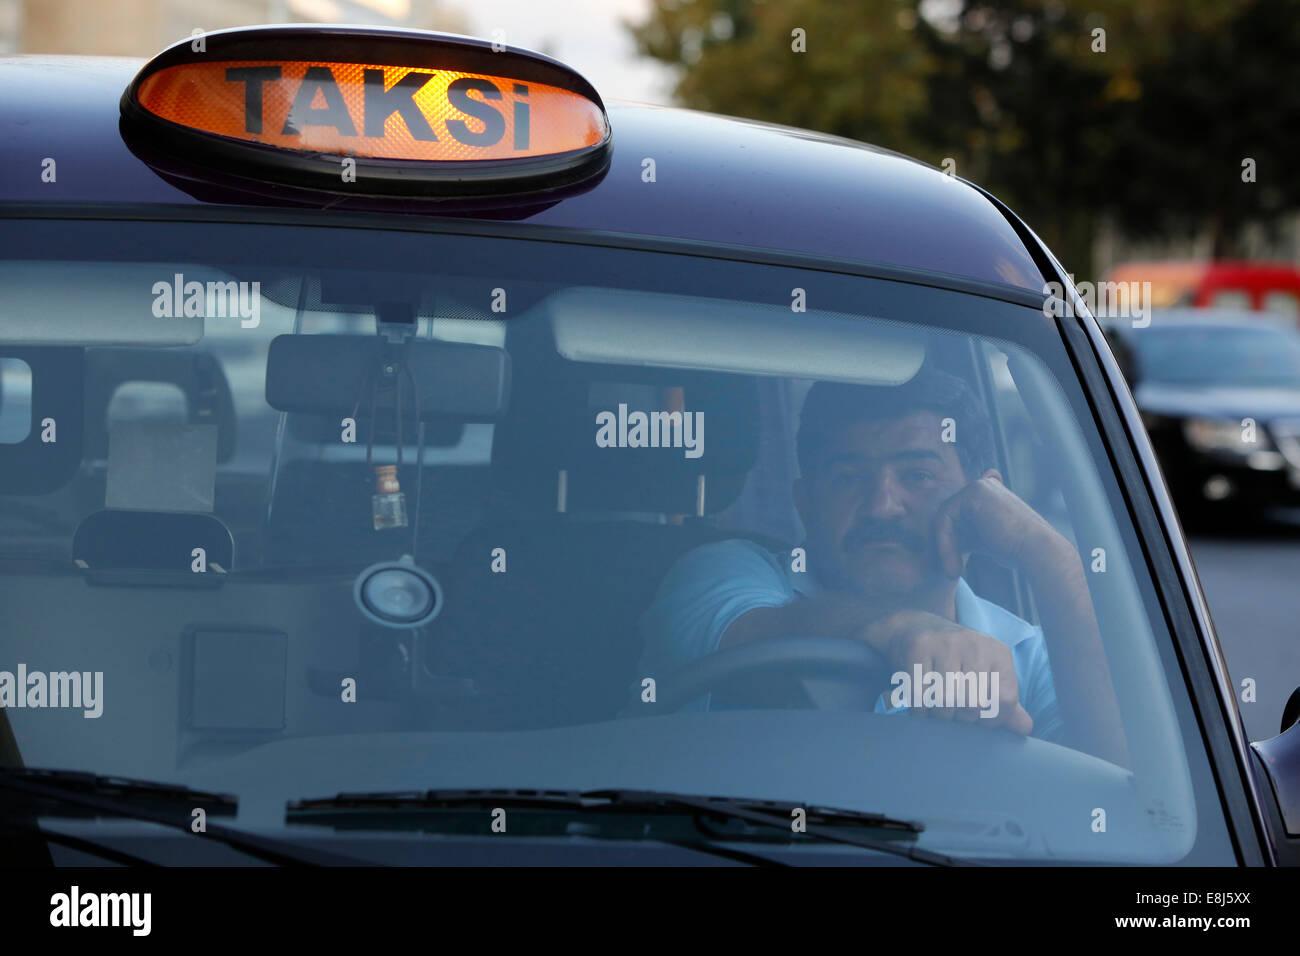 Baku taxi Stock Photo